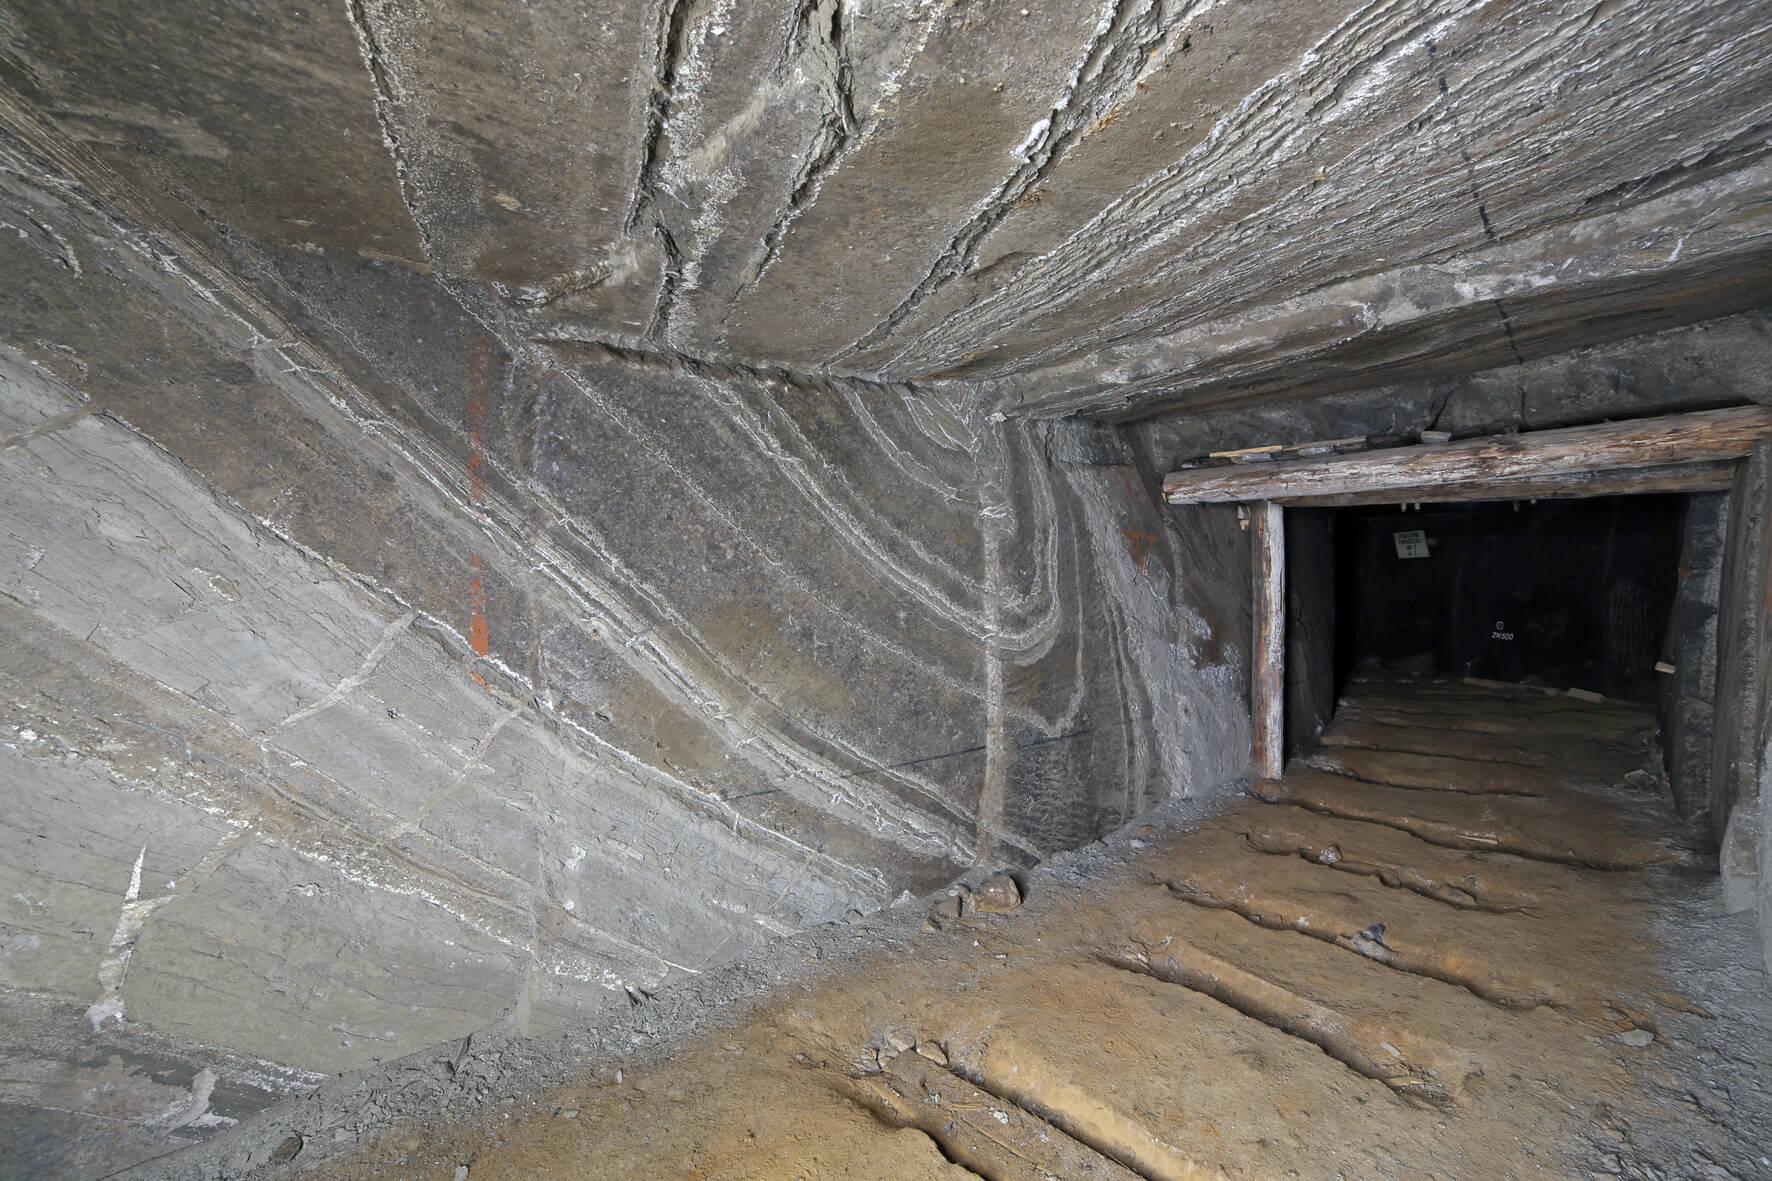 Fałd soli spizowej szarej z przerostami iłowców i mułowców anhydrytowych